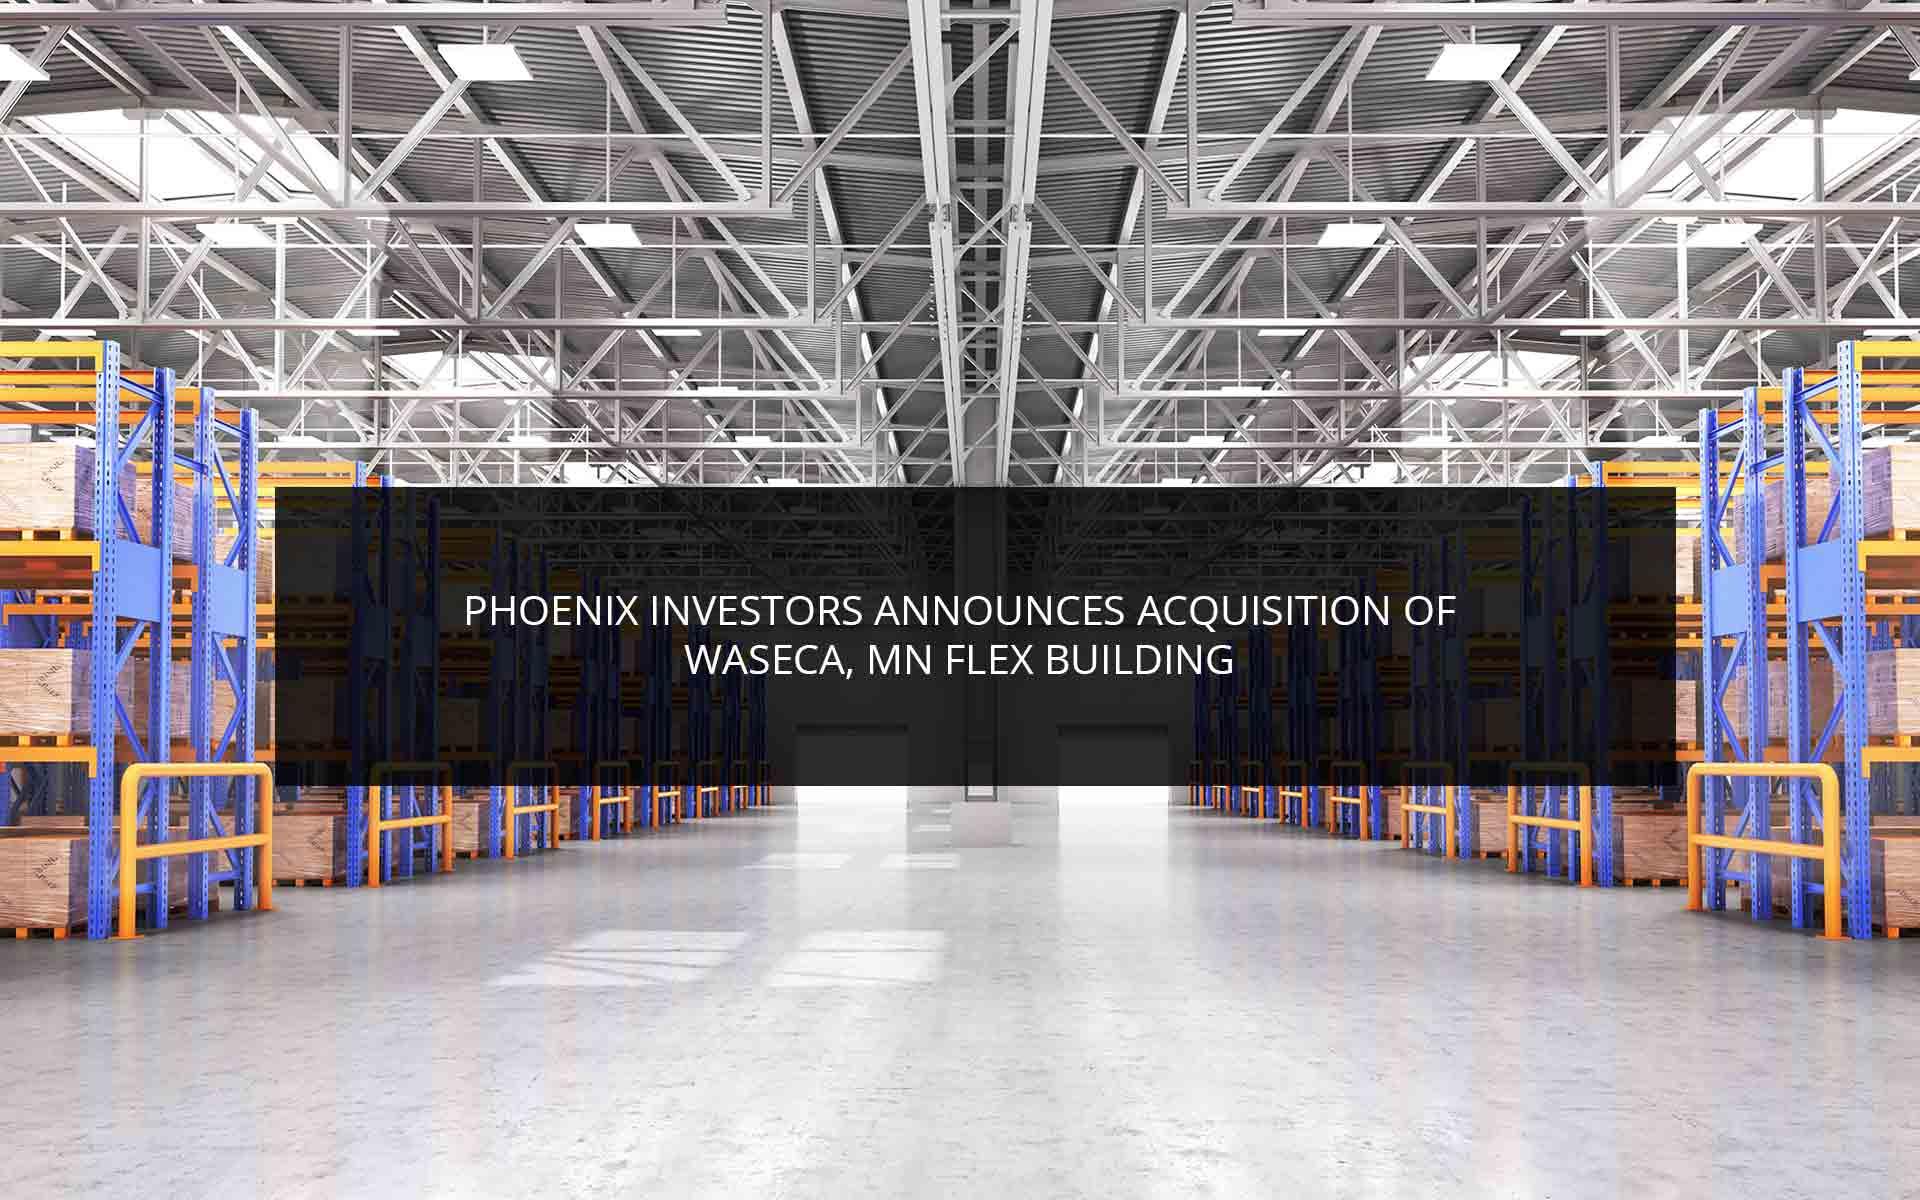 Phoenix Investors Announces Acquisition of Waseca, MN Flex Building